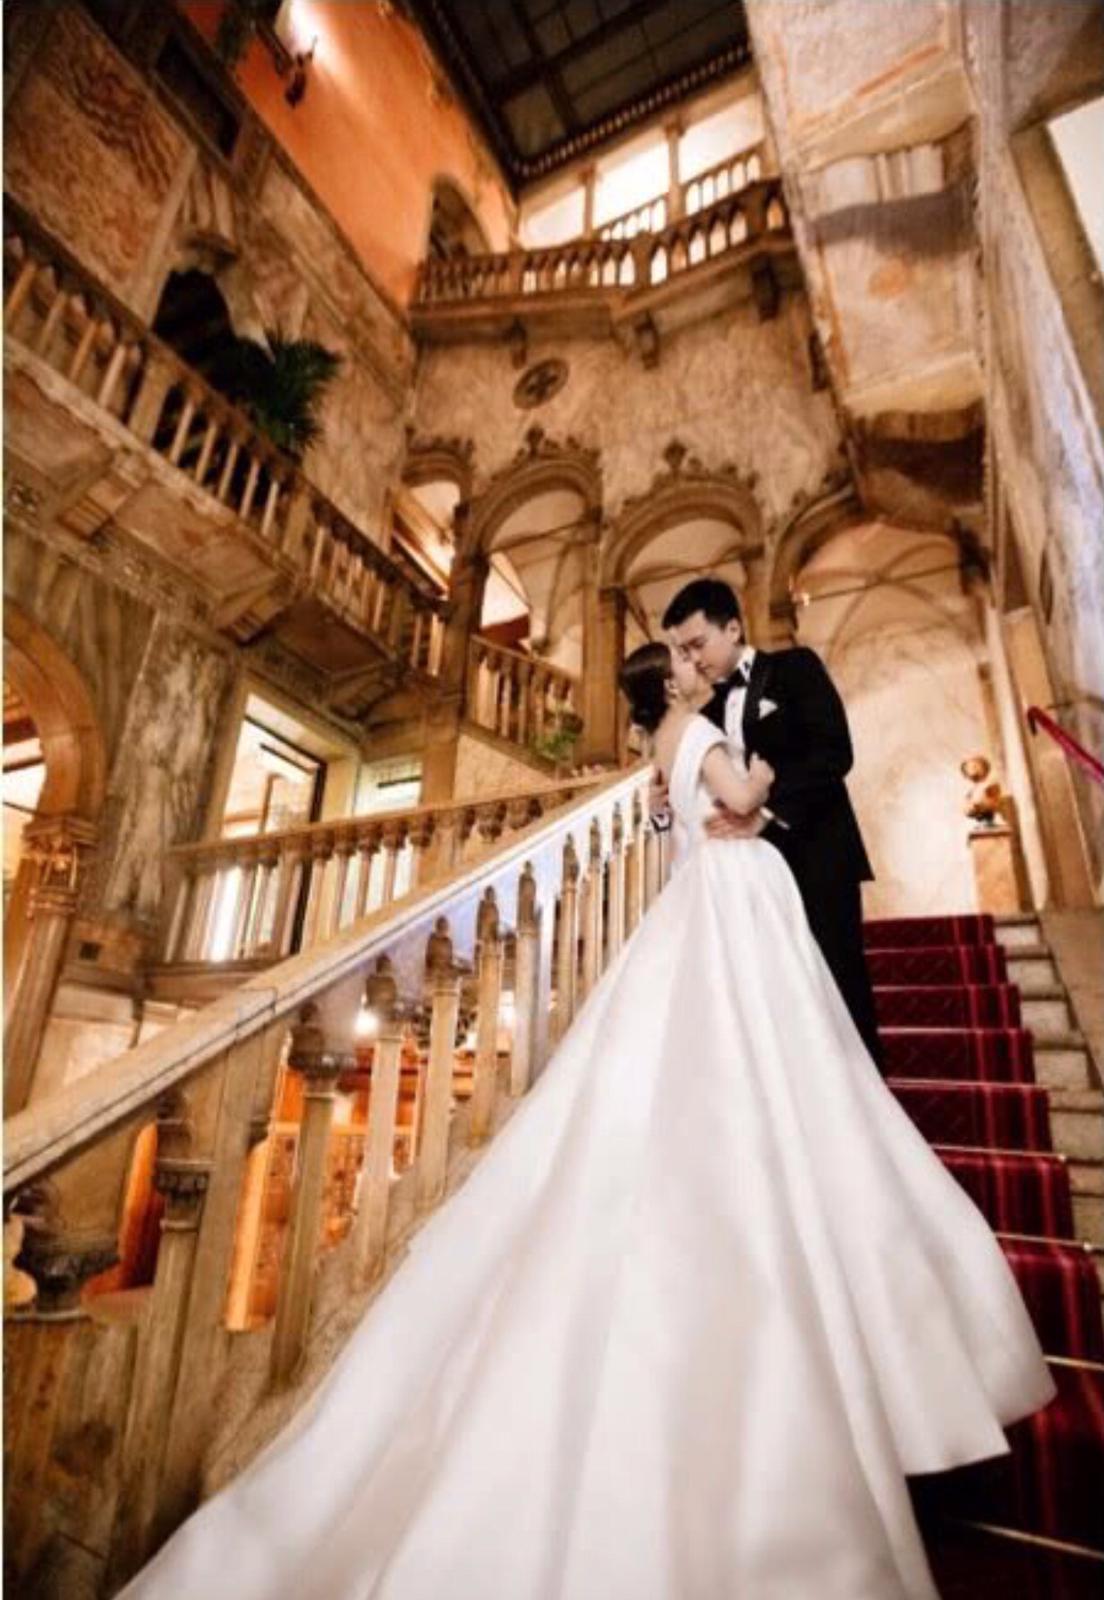 兩人站在古堡的樓梯上情深一吻。